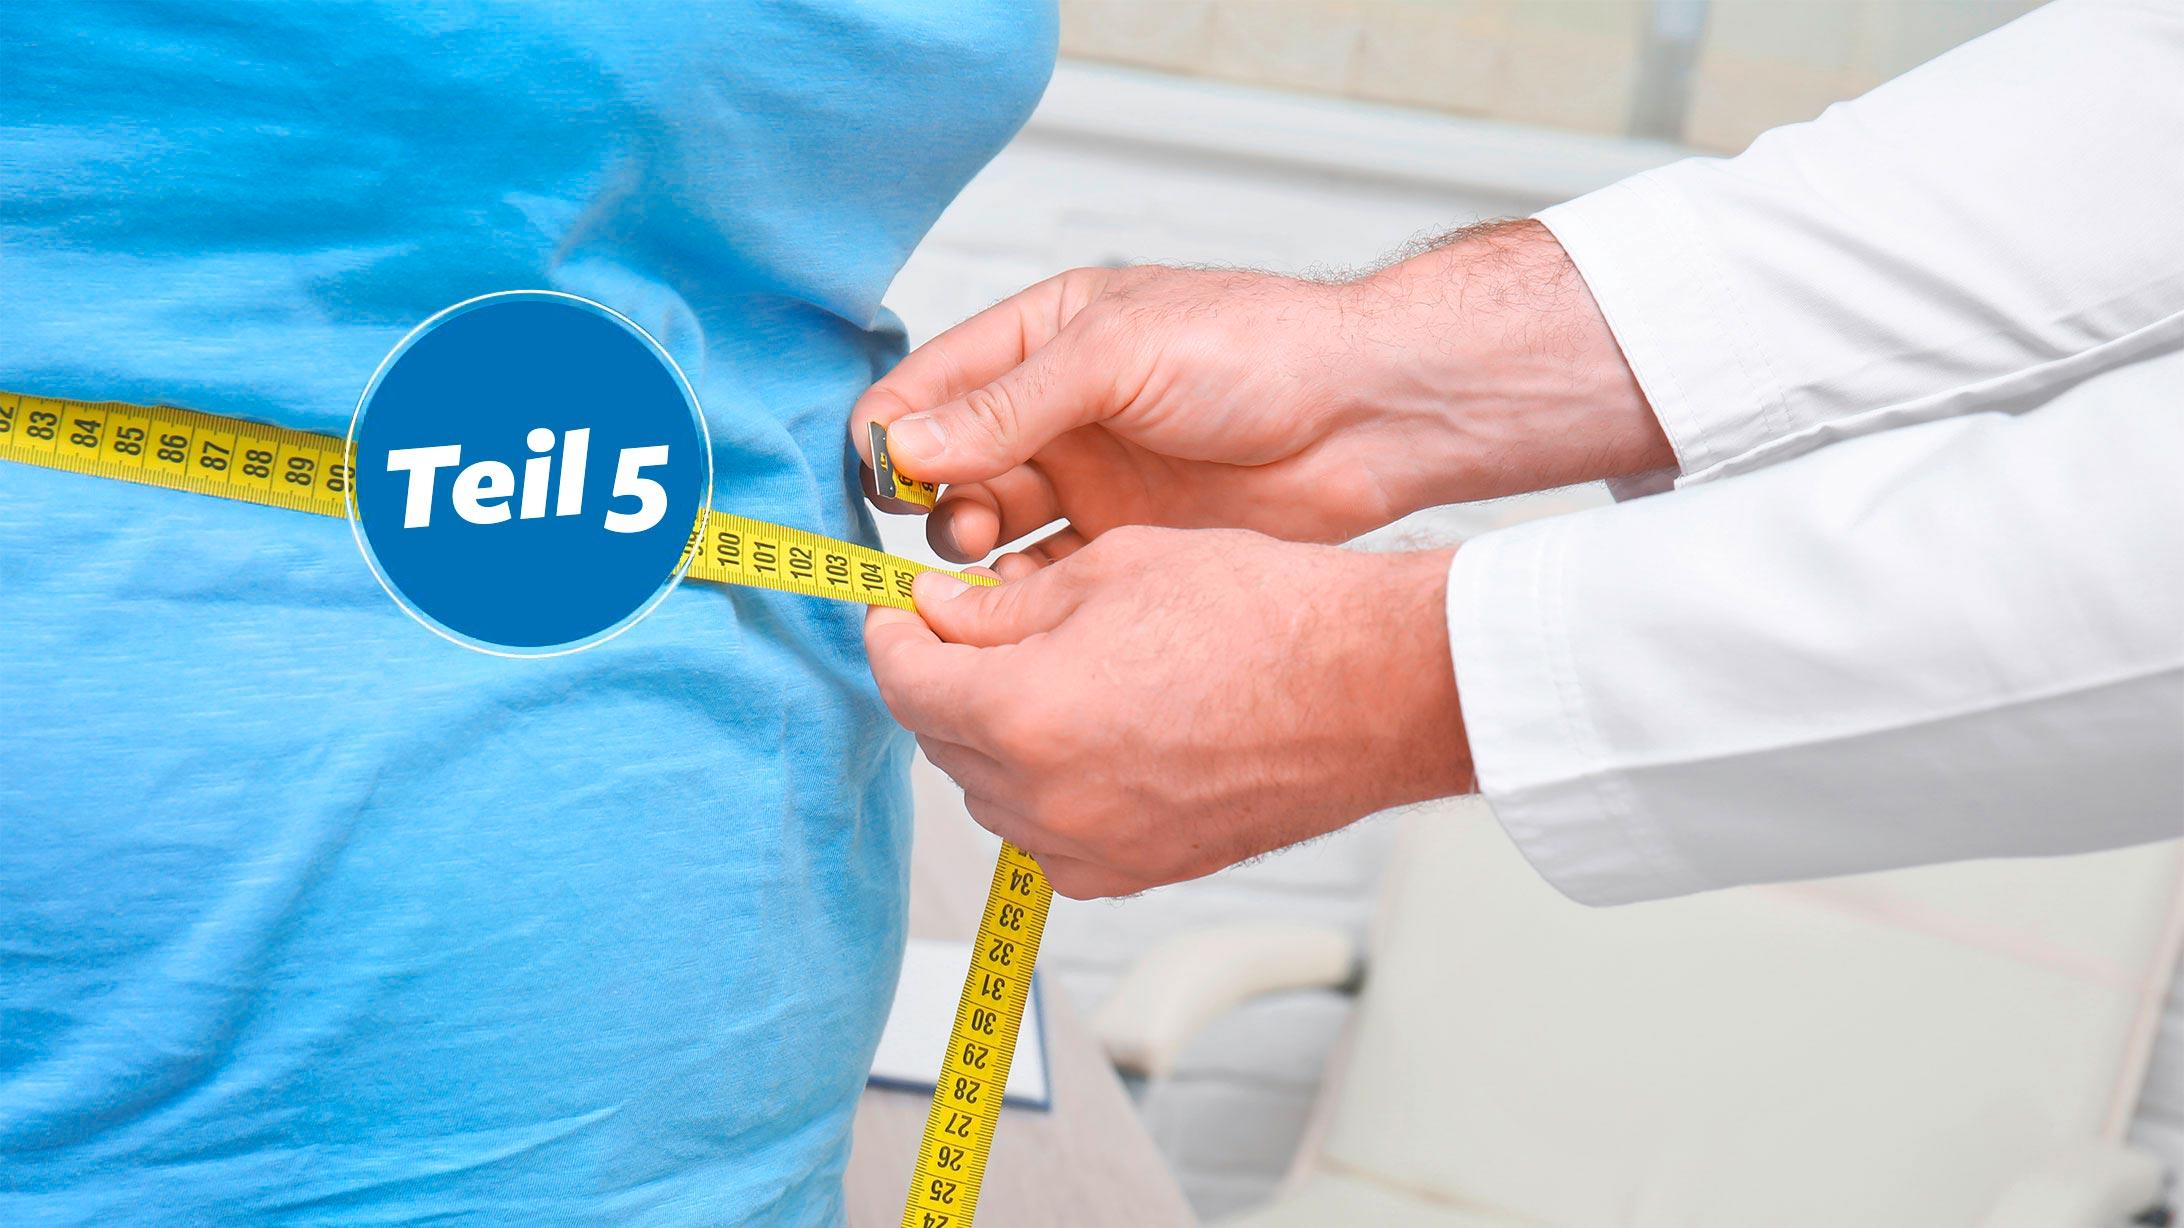 Ein Arzt misst den Bauchumfang einer Patientin. Das Bild steht symbolisch für die Patientin mit einem Schlauchmagen.